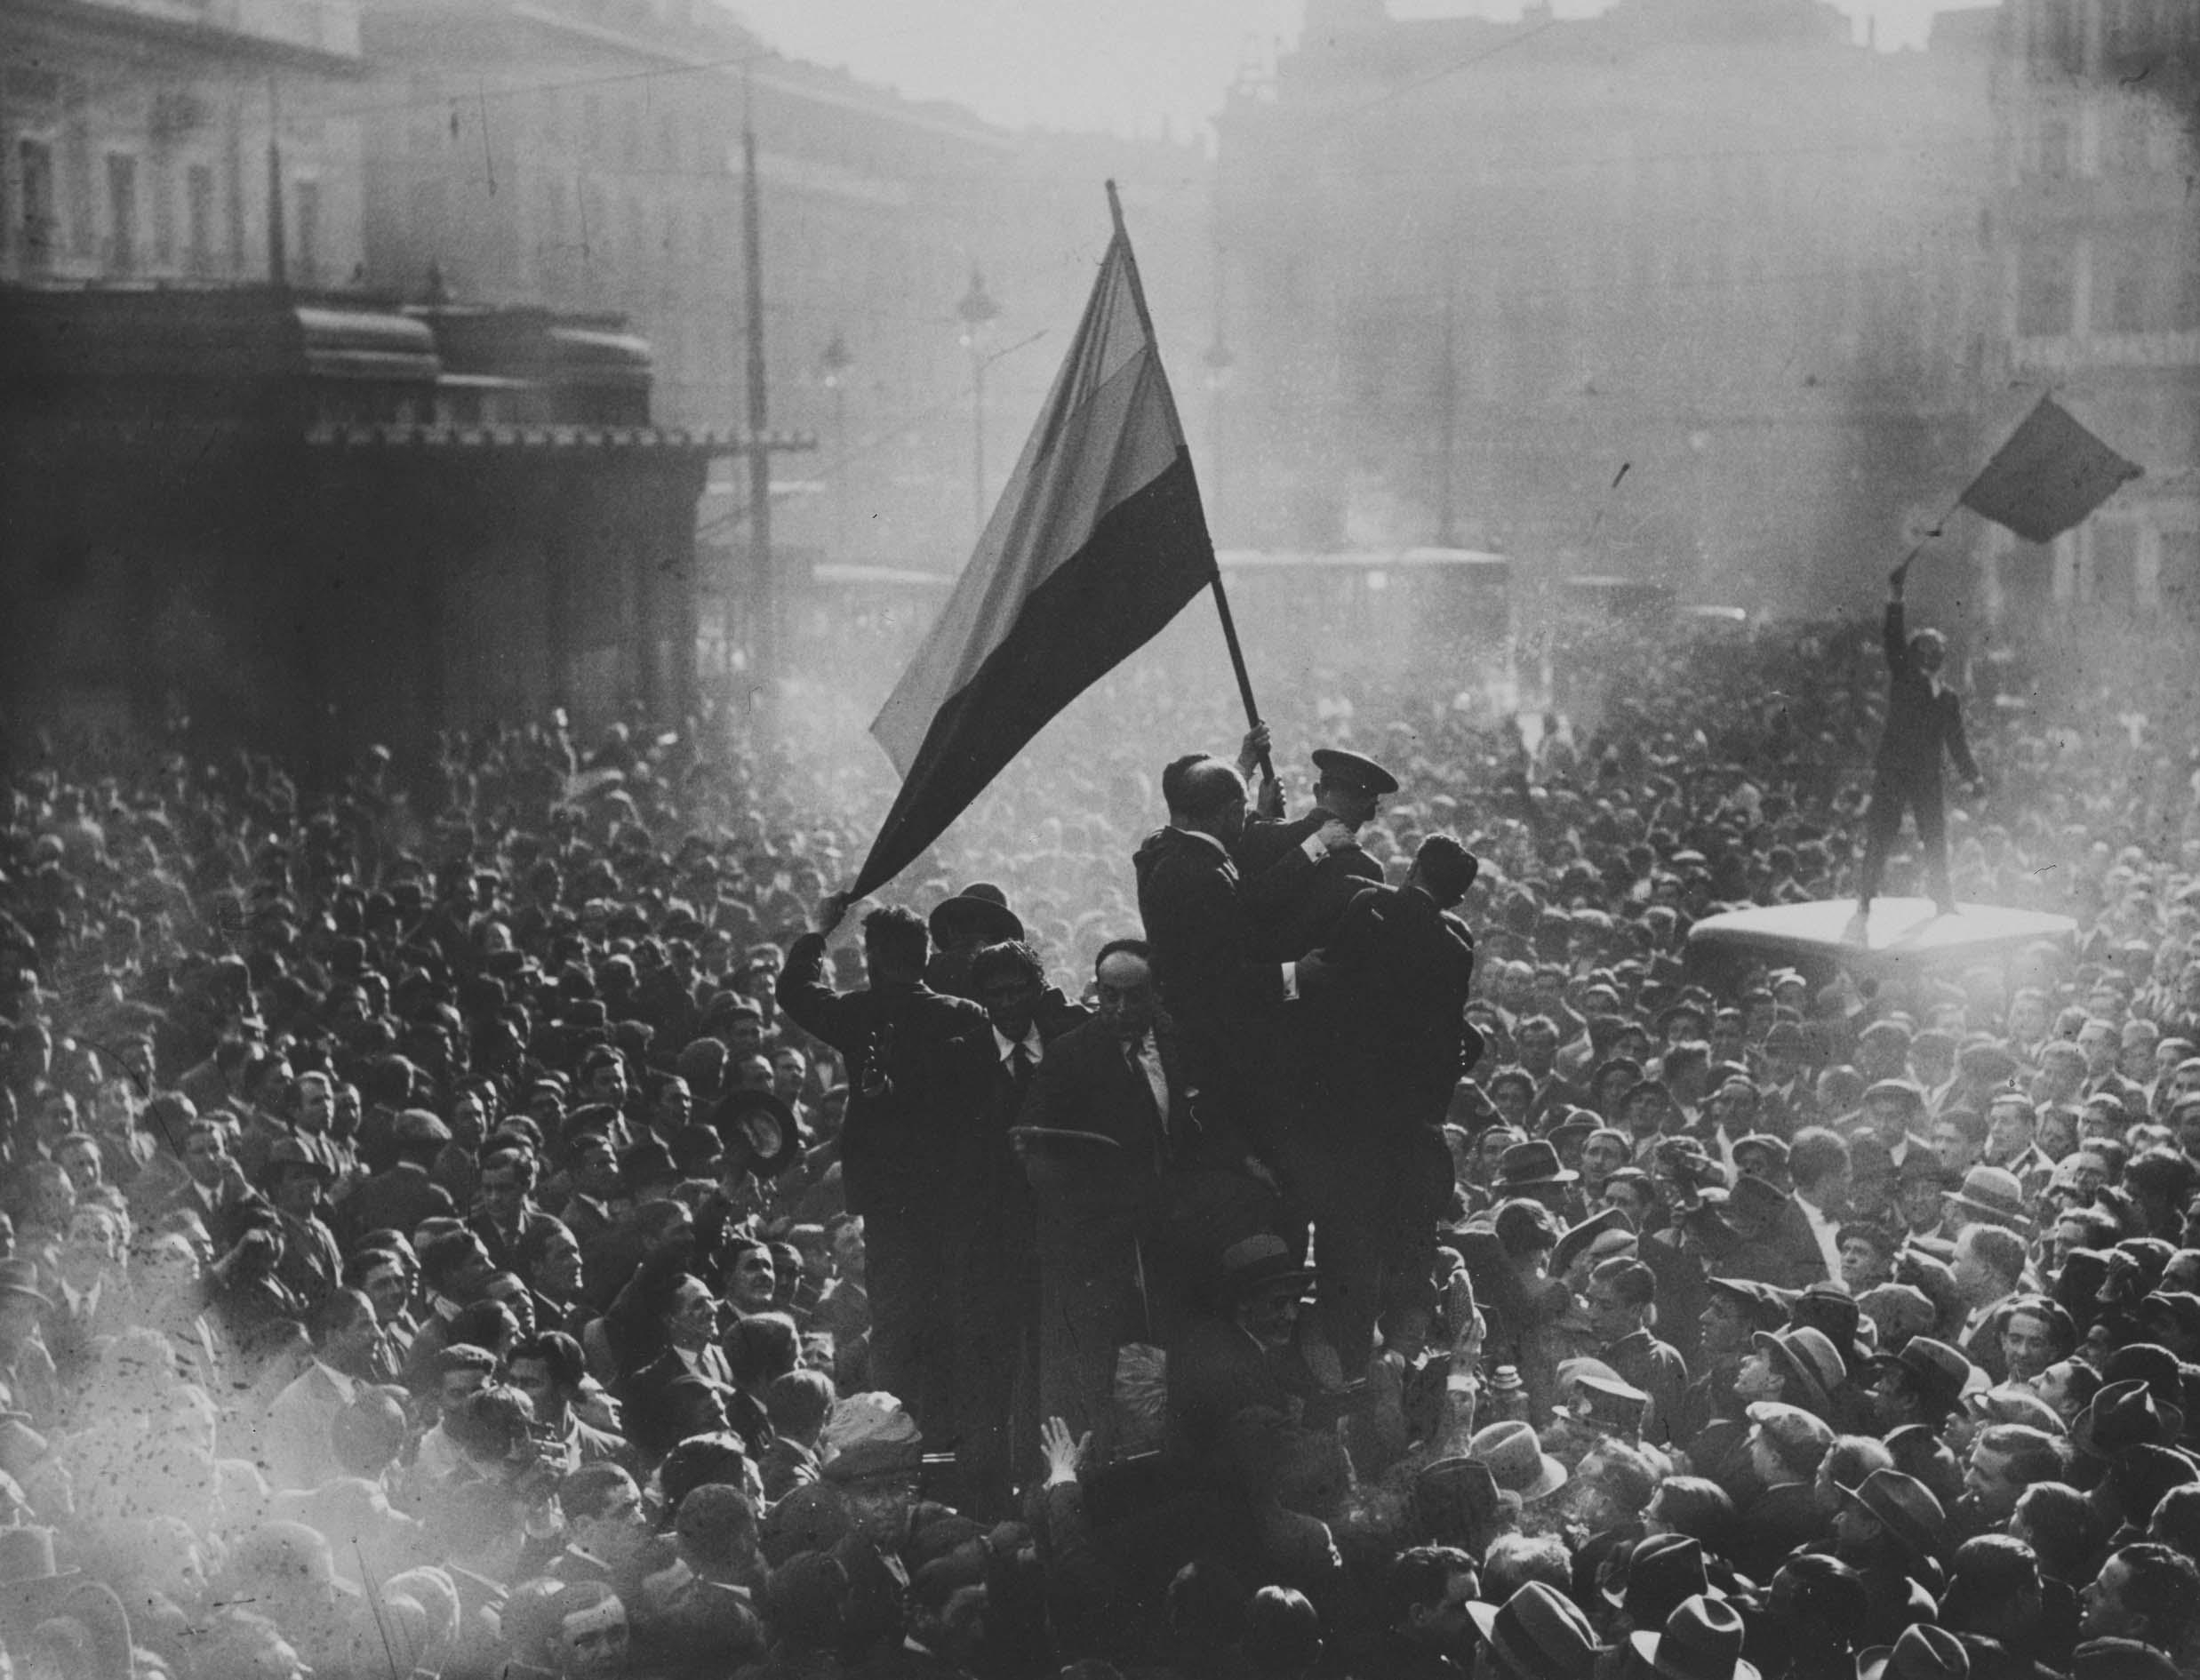 La Segunda República La Constitución De 1931 Política De Reformas Y Realizaciones Culturales Reacciones Antidemocráticas Historia Local Y Social